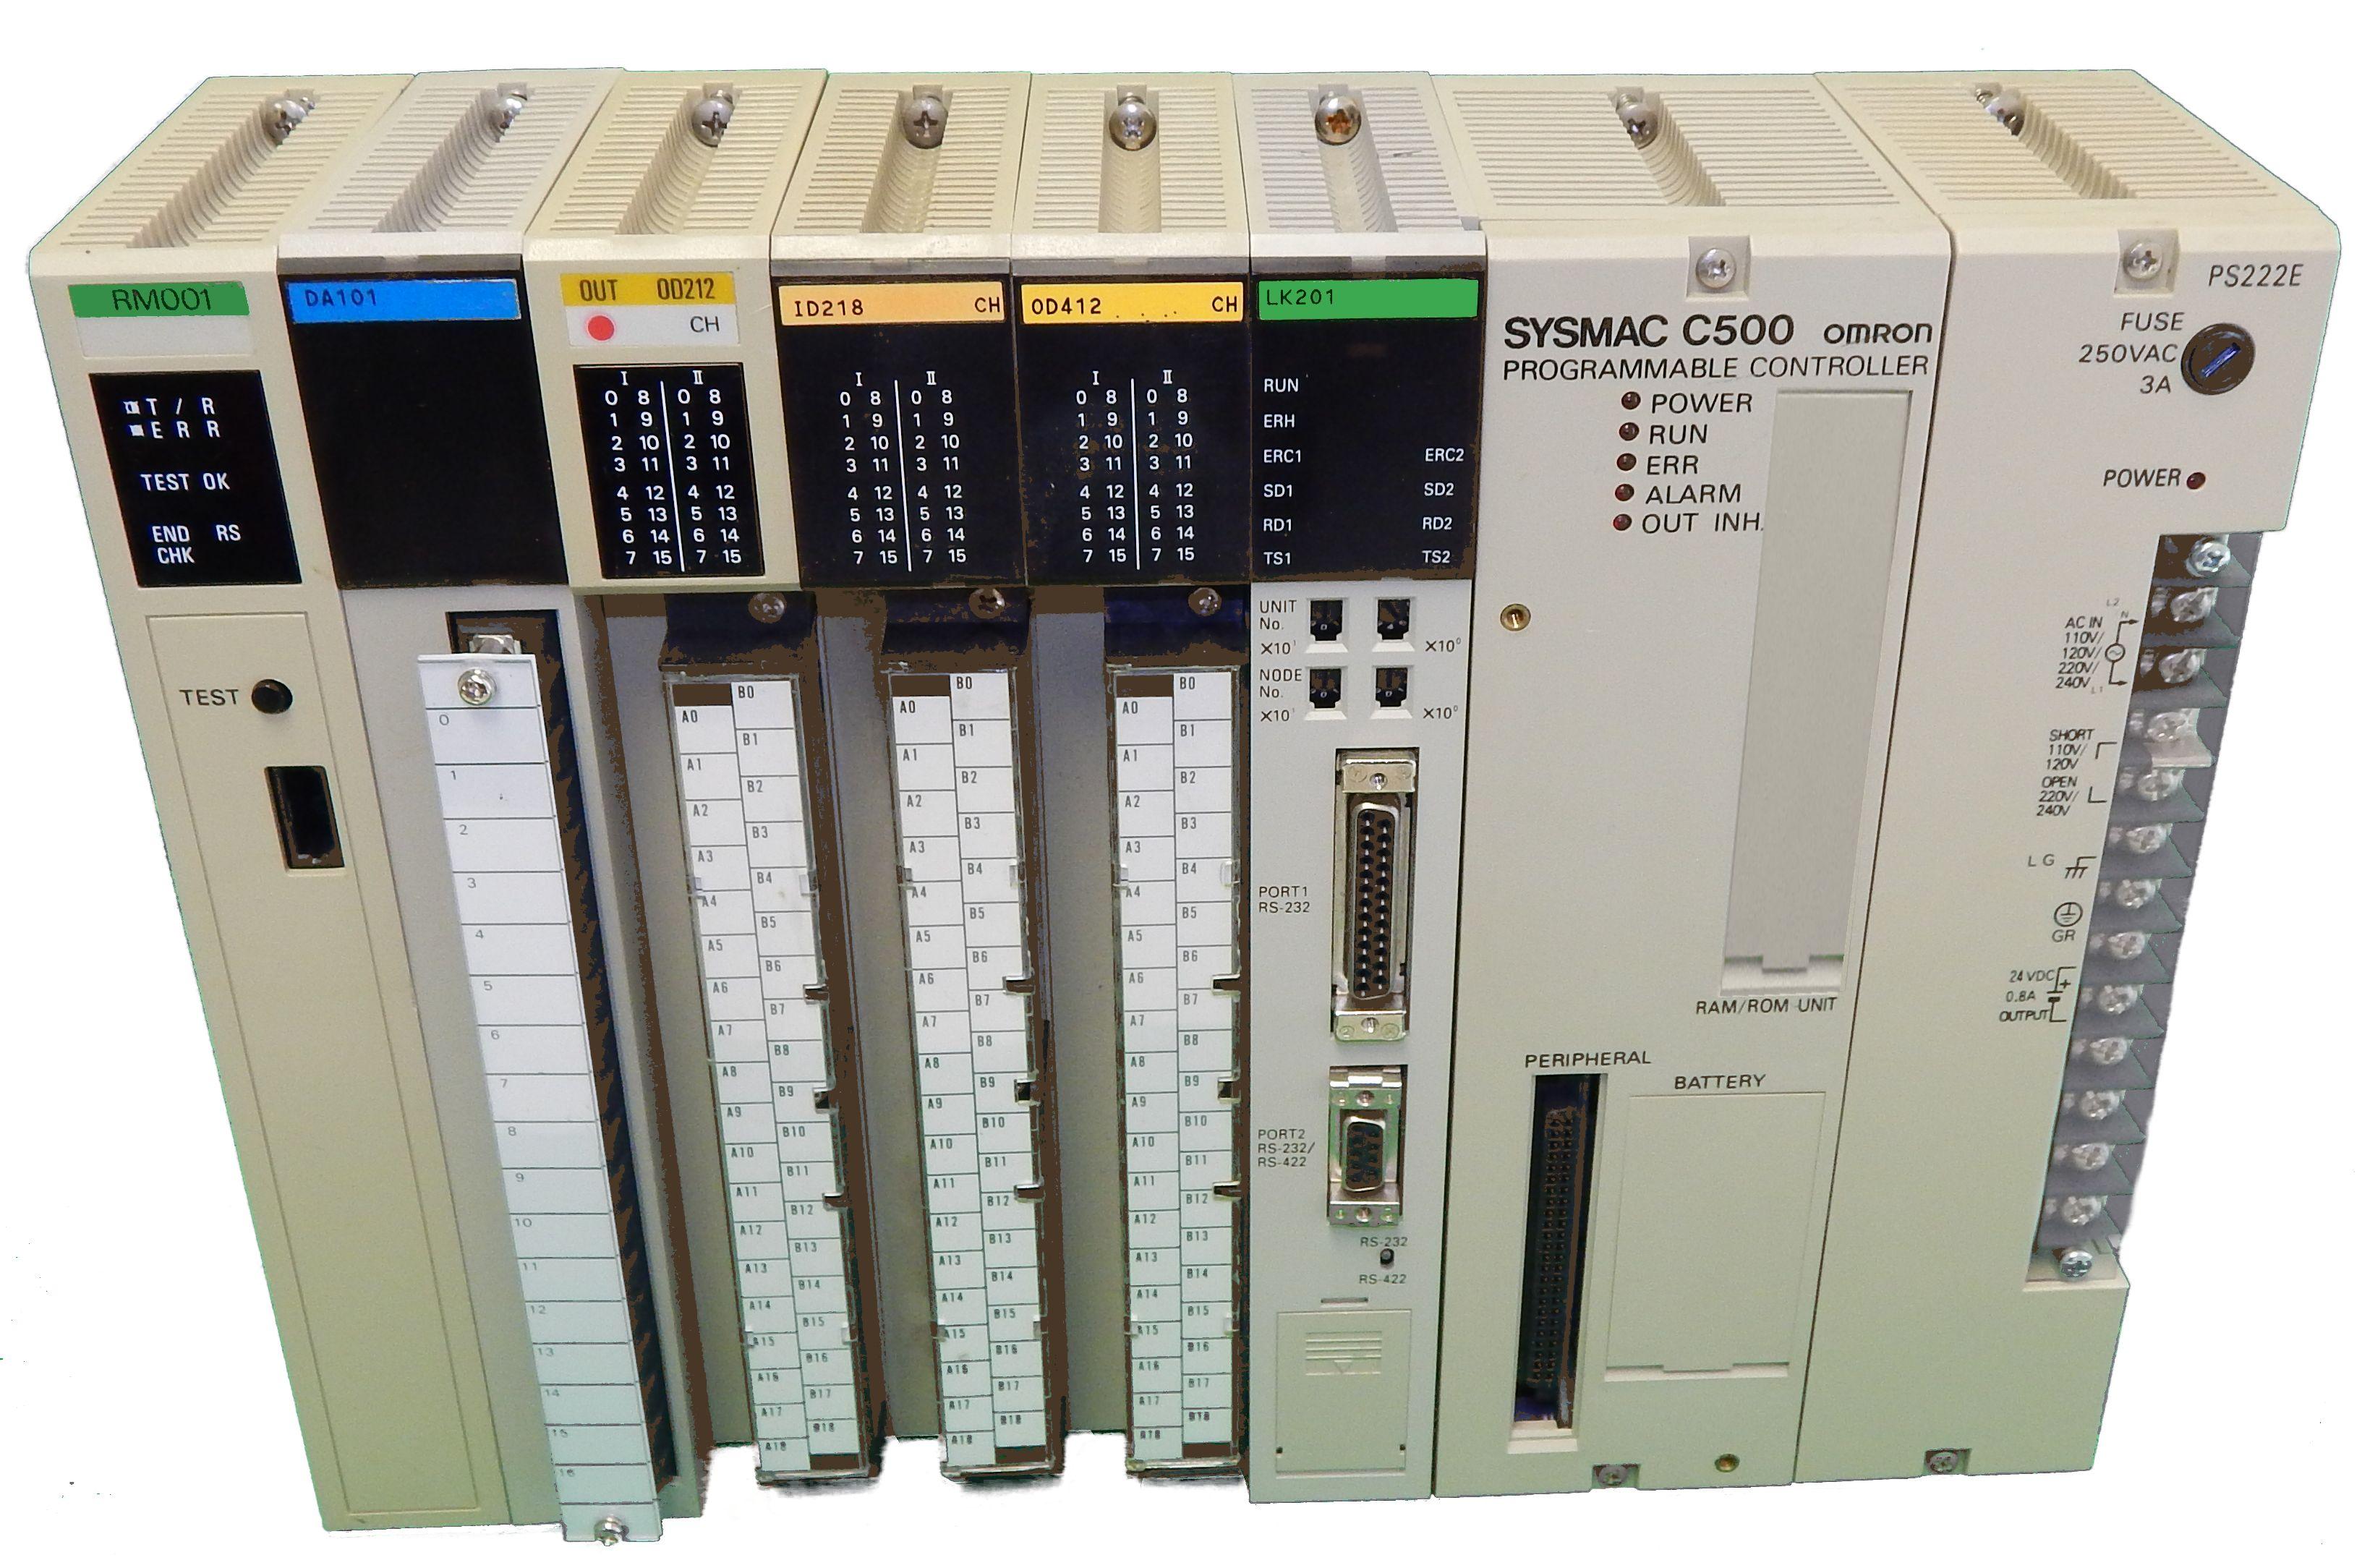 3G2A5-NC111-EV1